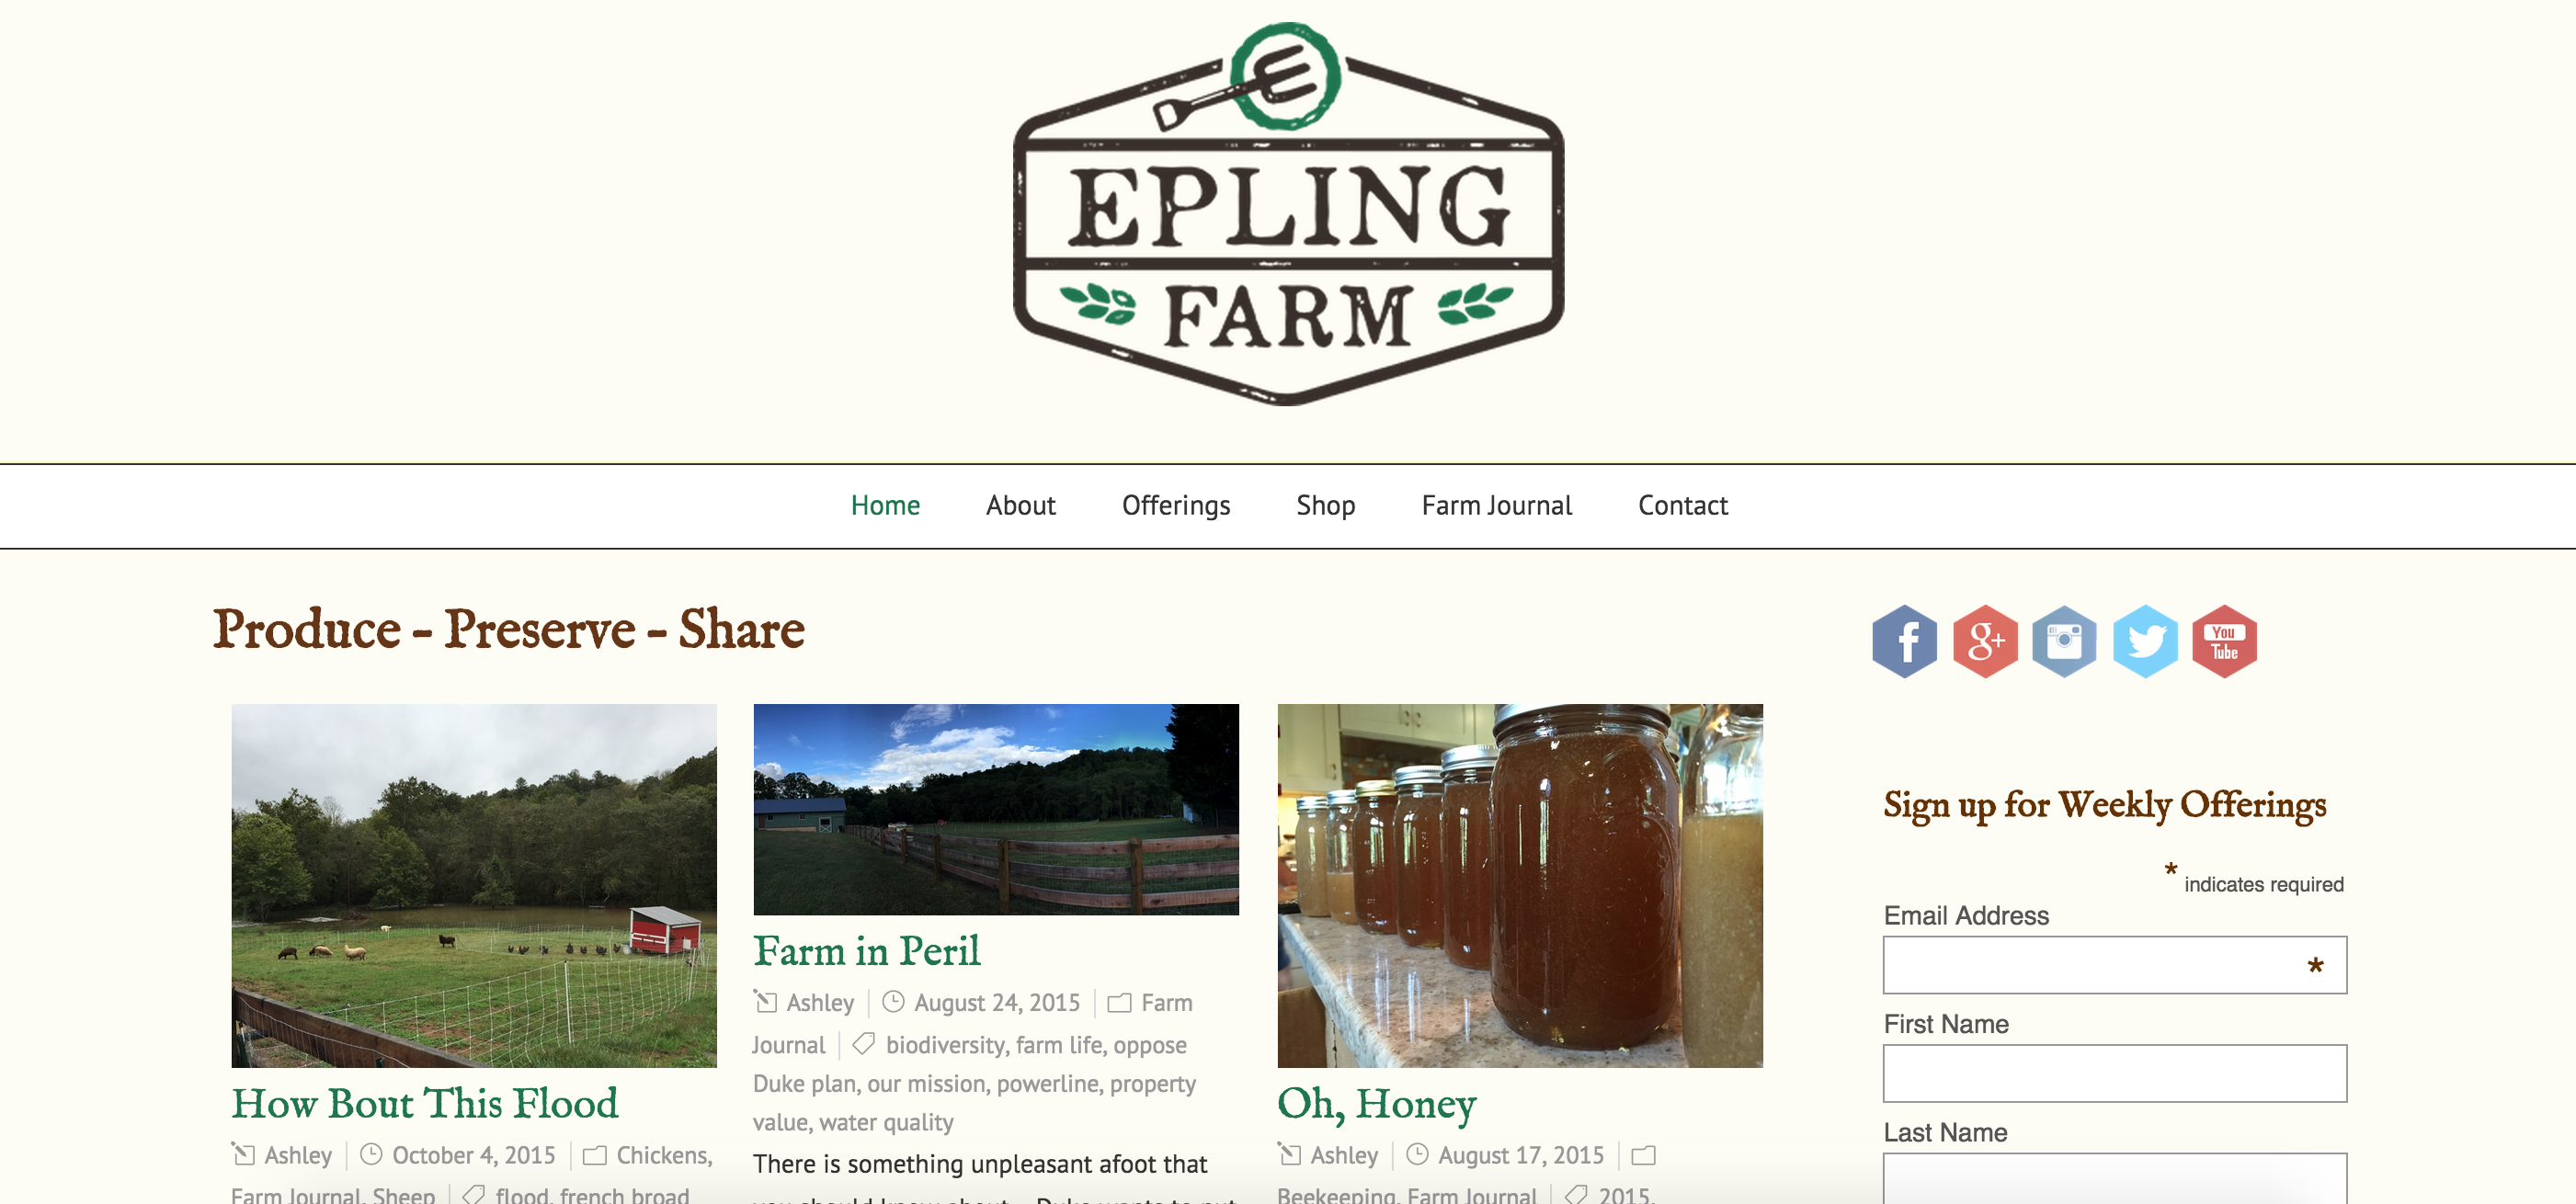 Epling Farm